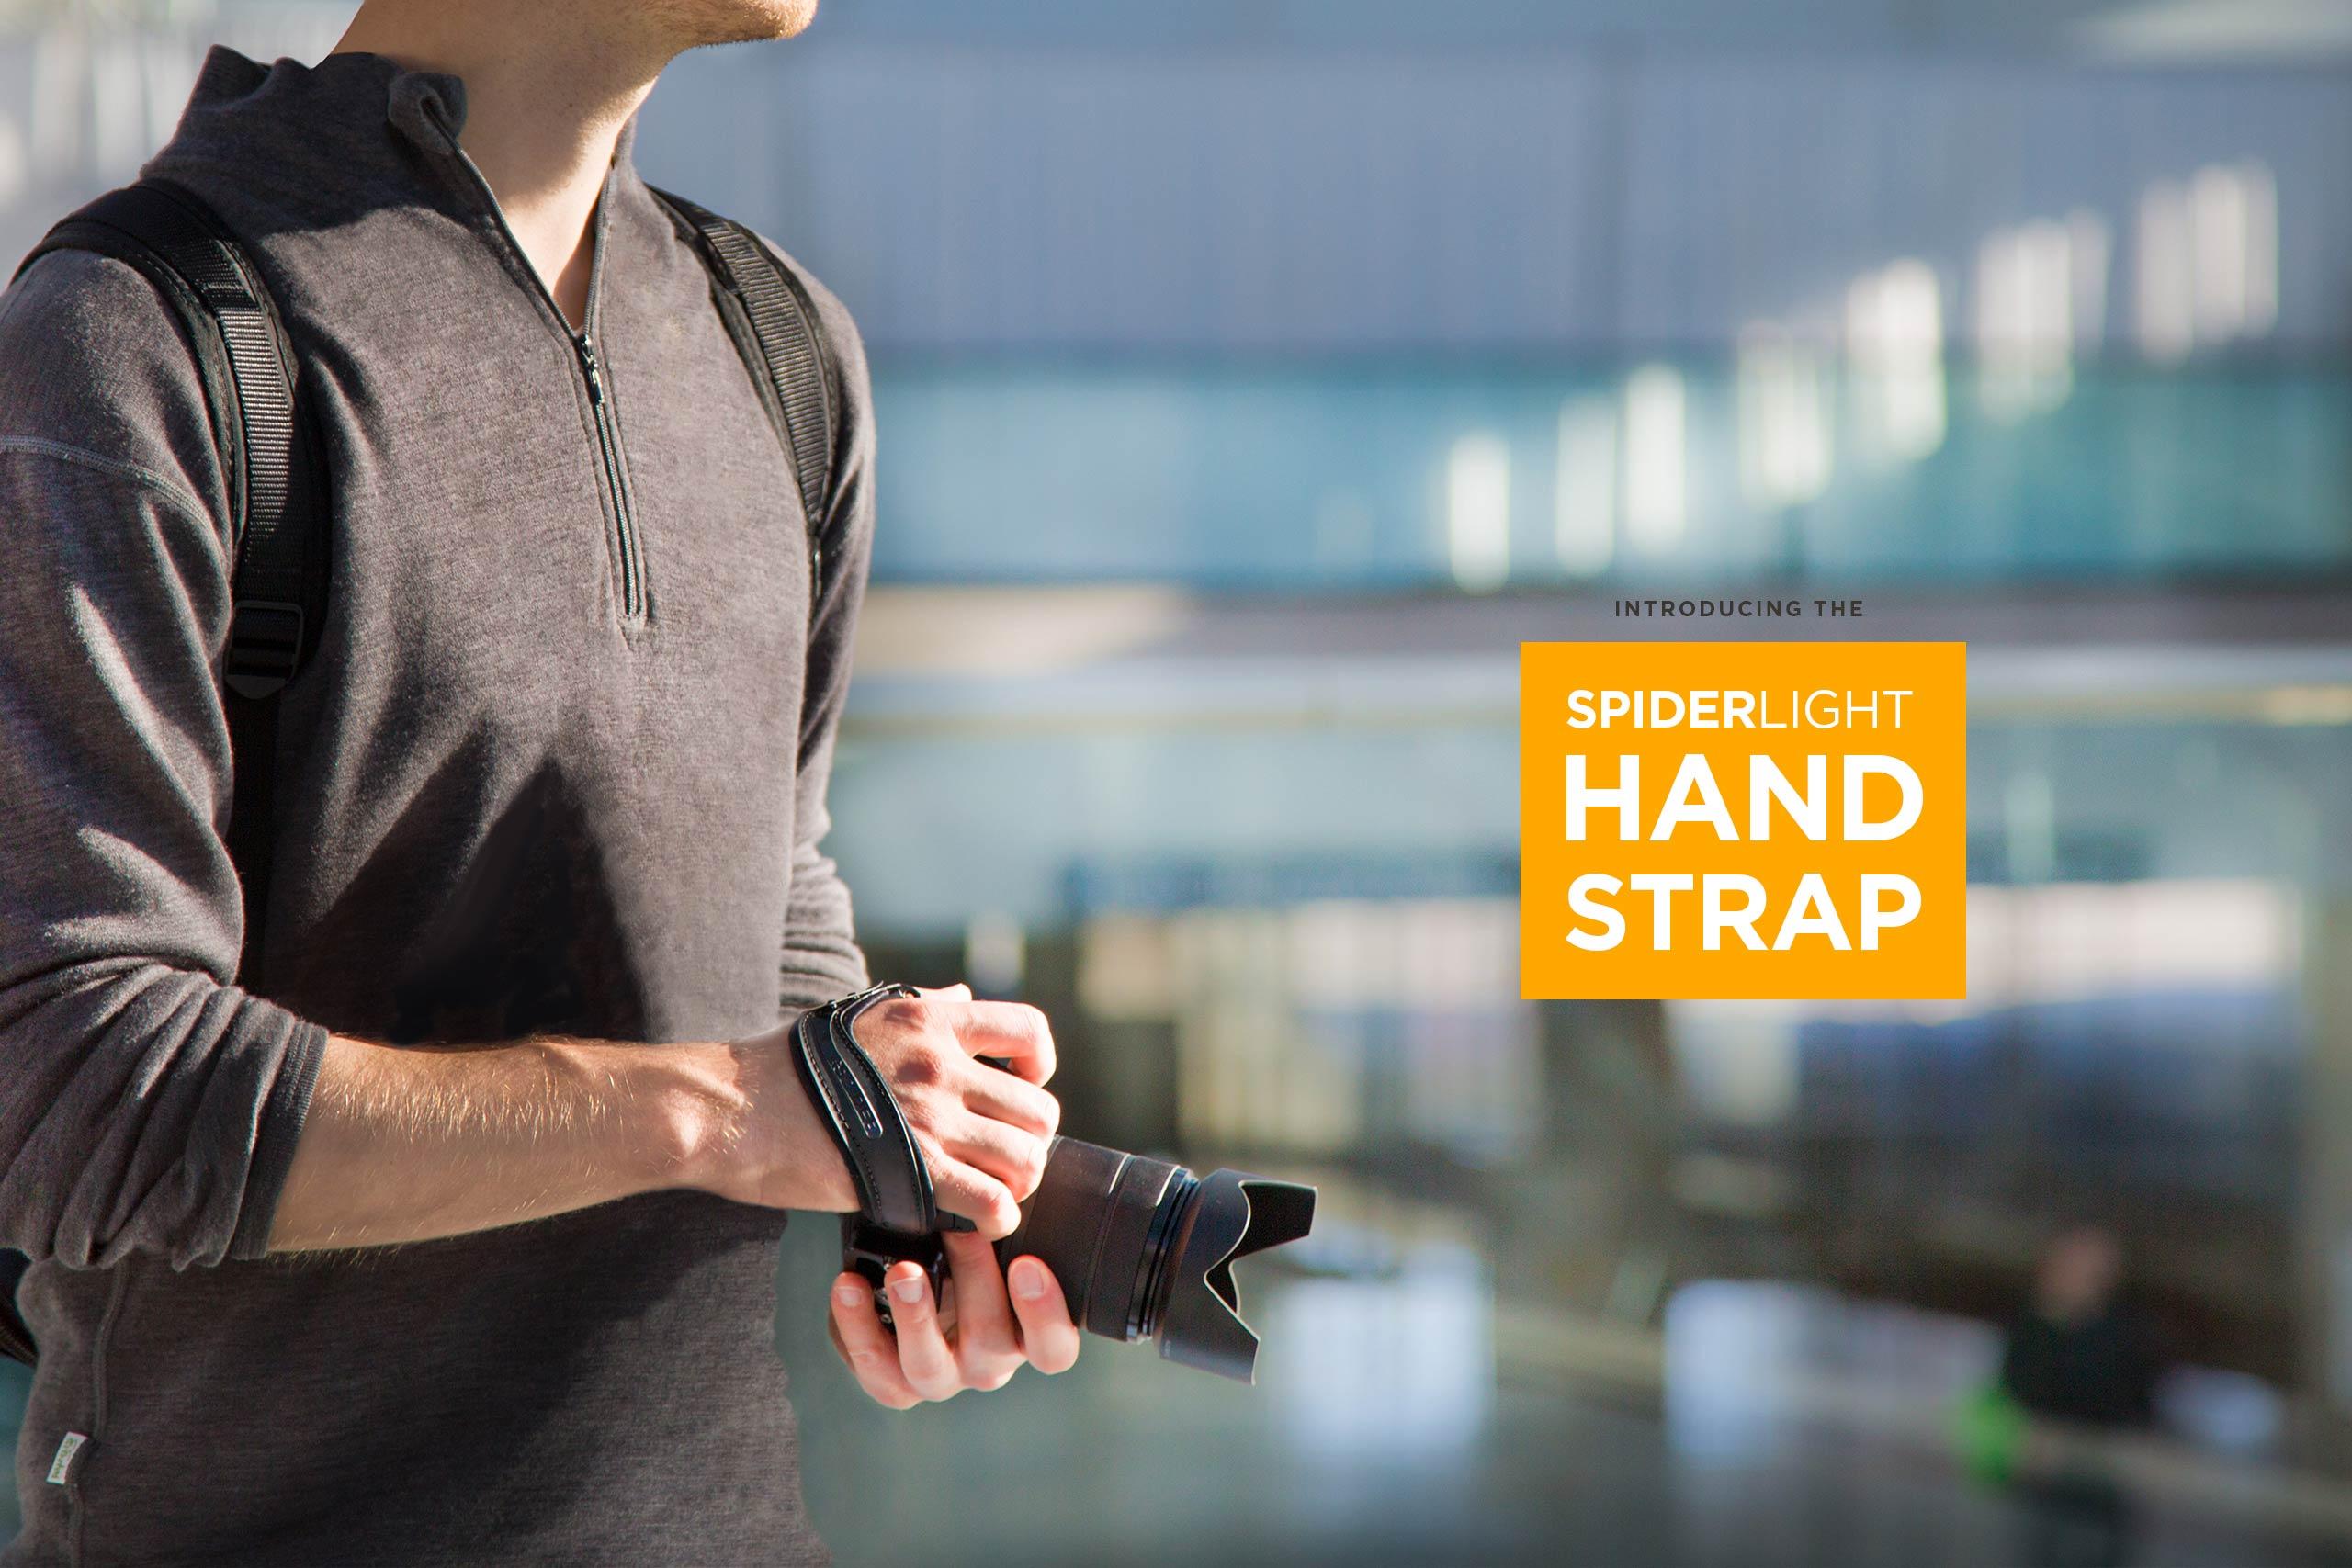 hand-strap-light-3-slide2